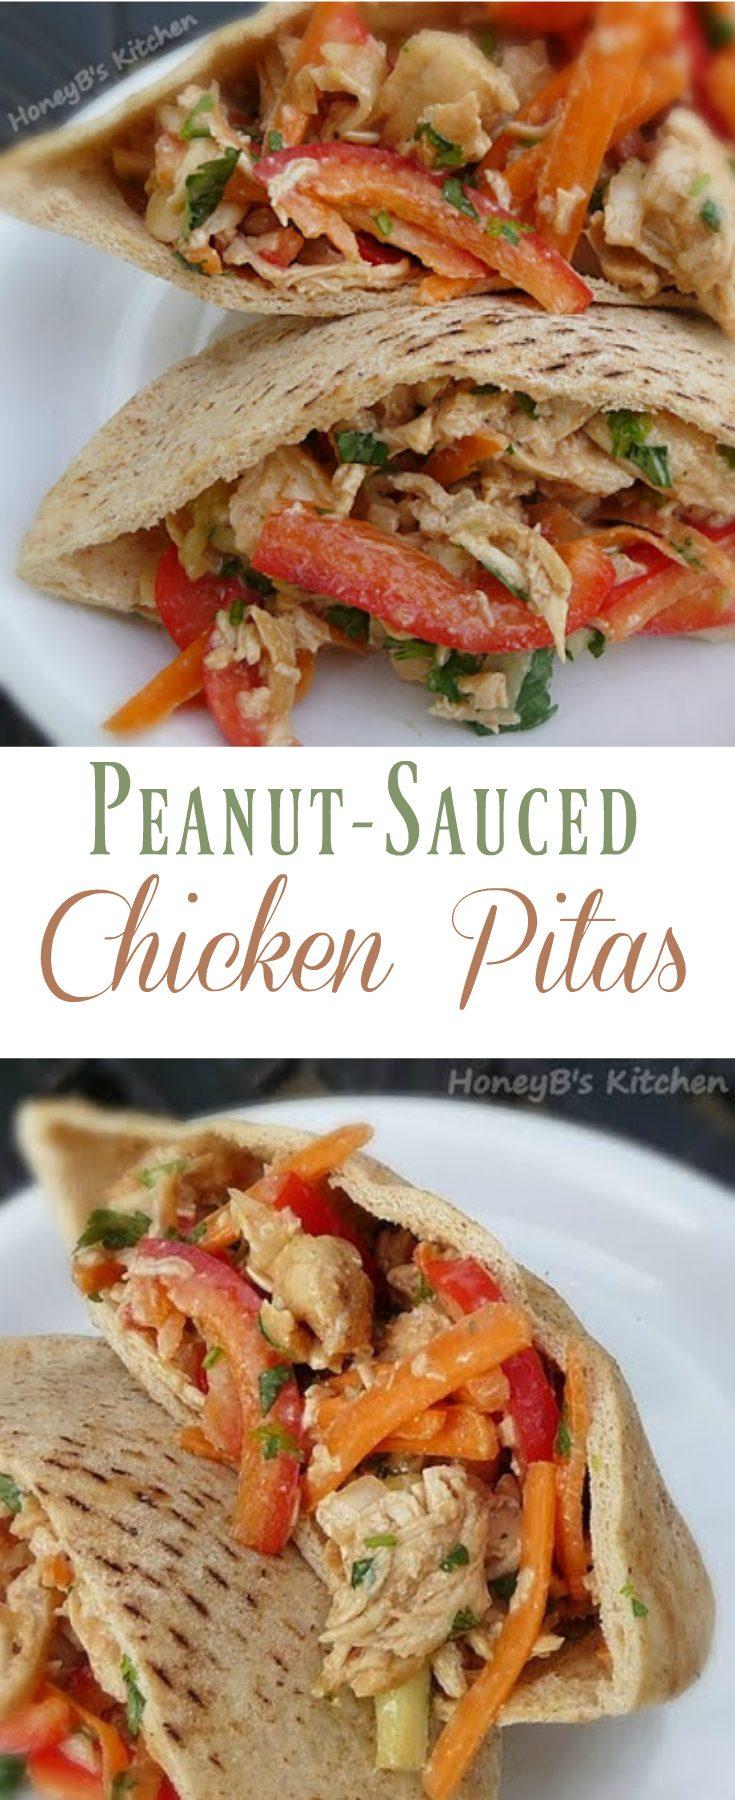 Peanut-Sauced Chicken Pitas #sandwiches #peanut #chicken